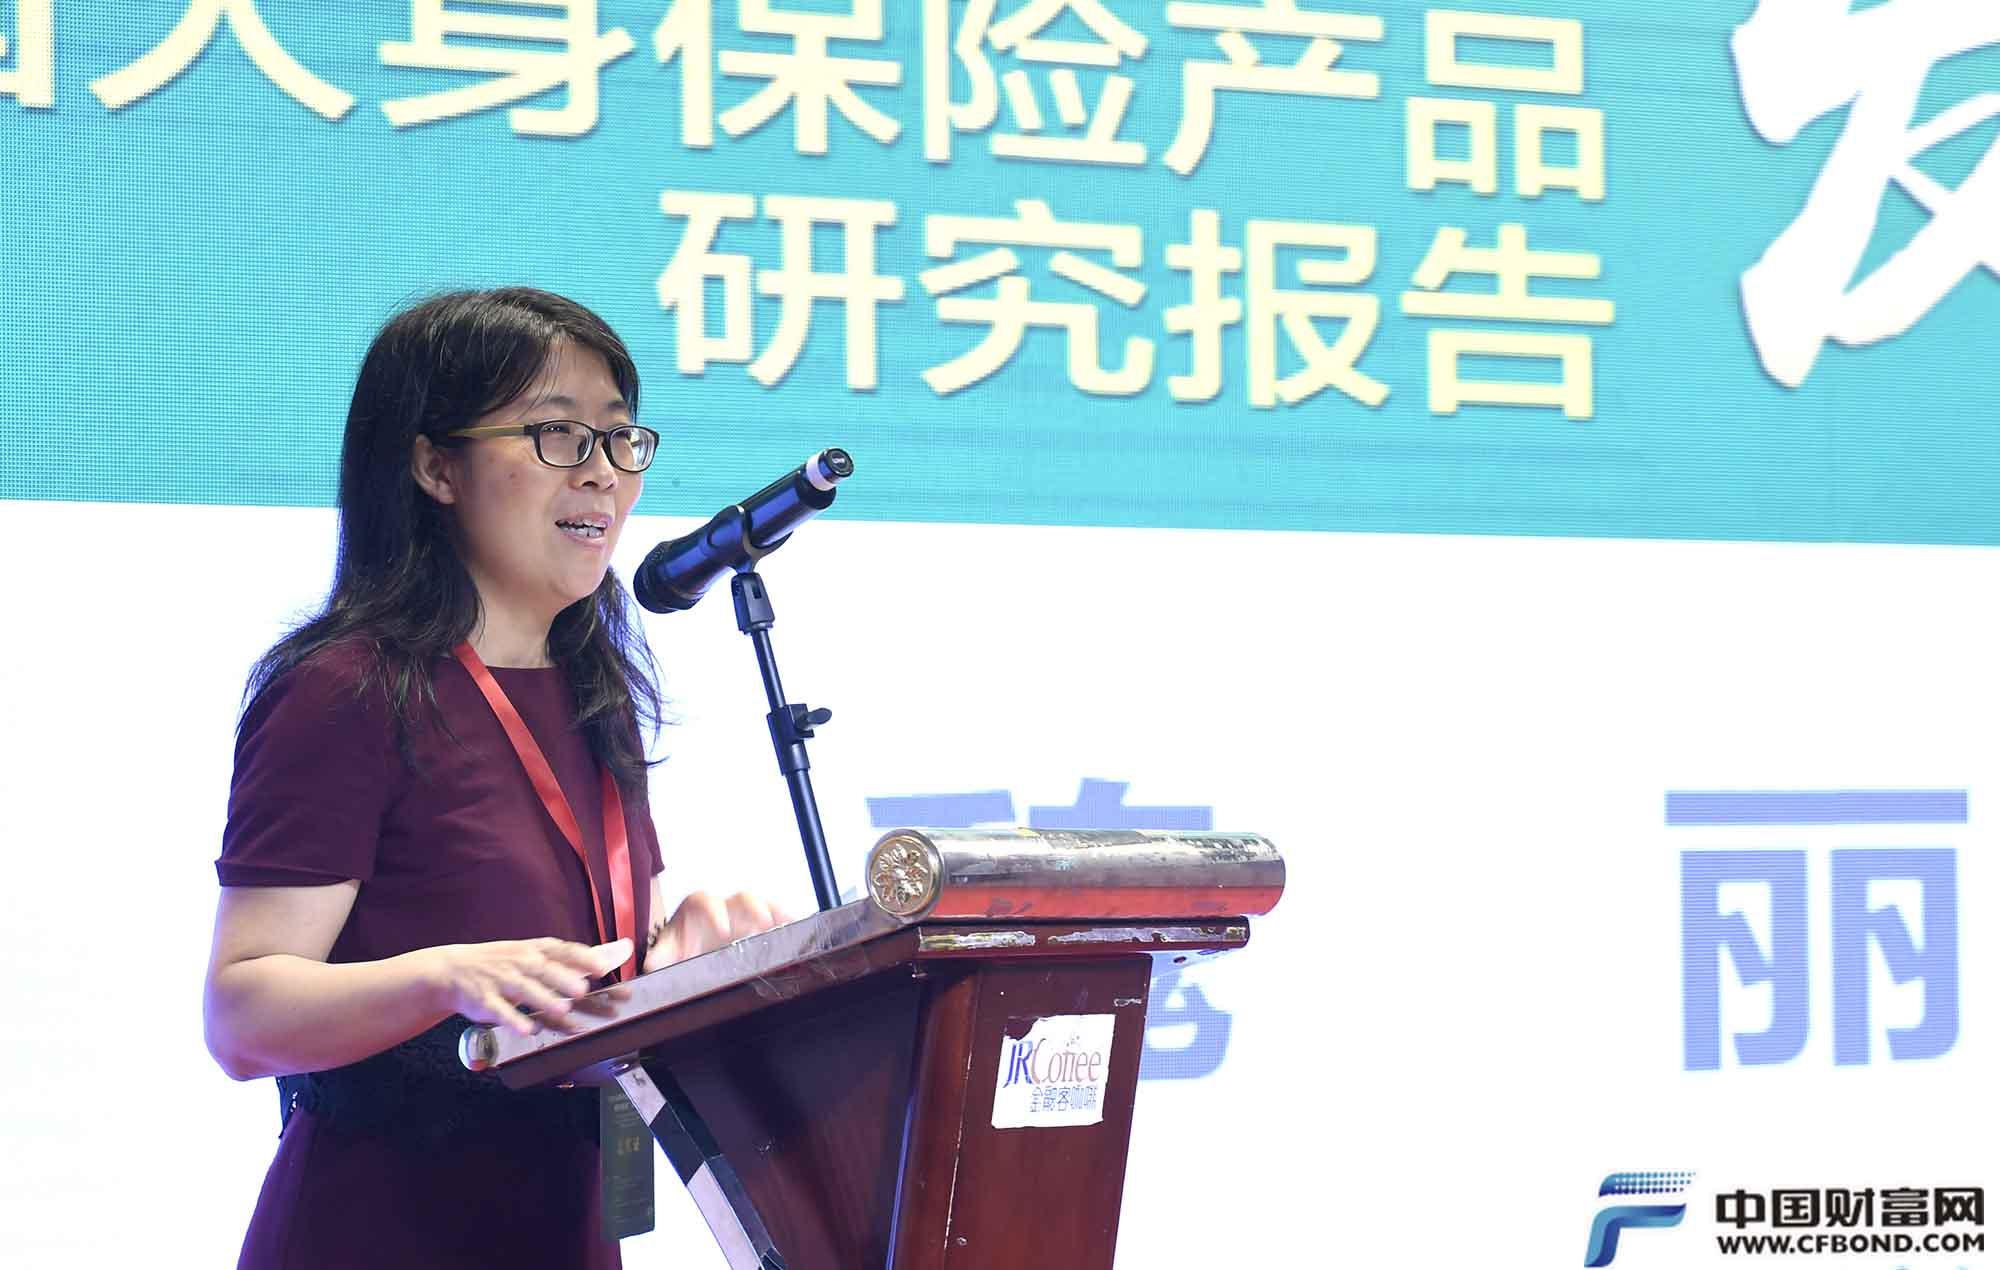 中国人民大学财政金融学院保险系主任魏丽发言